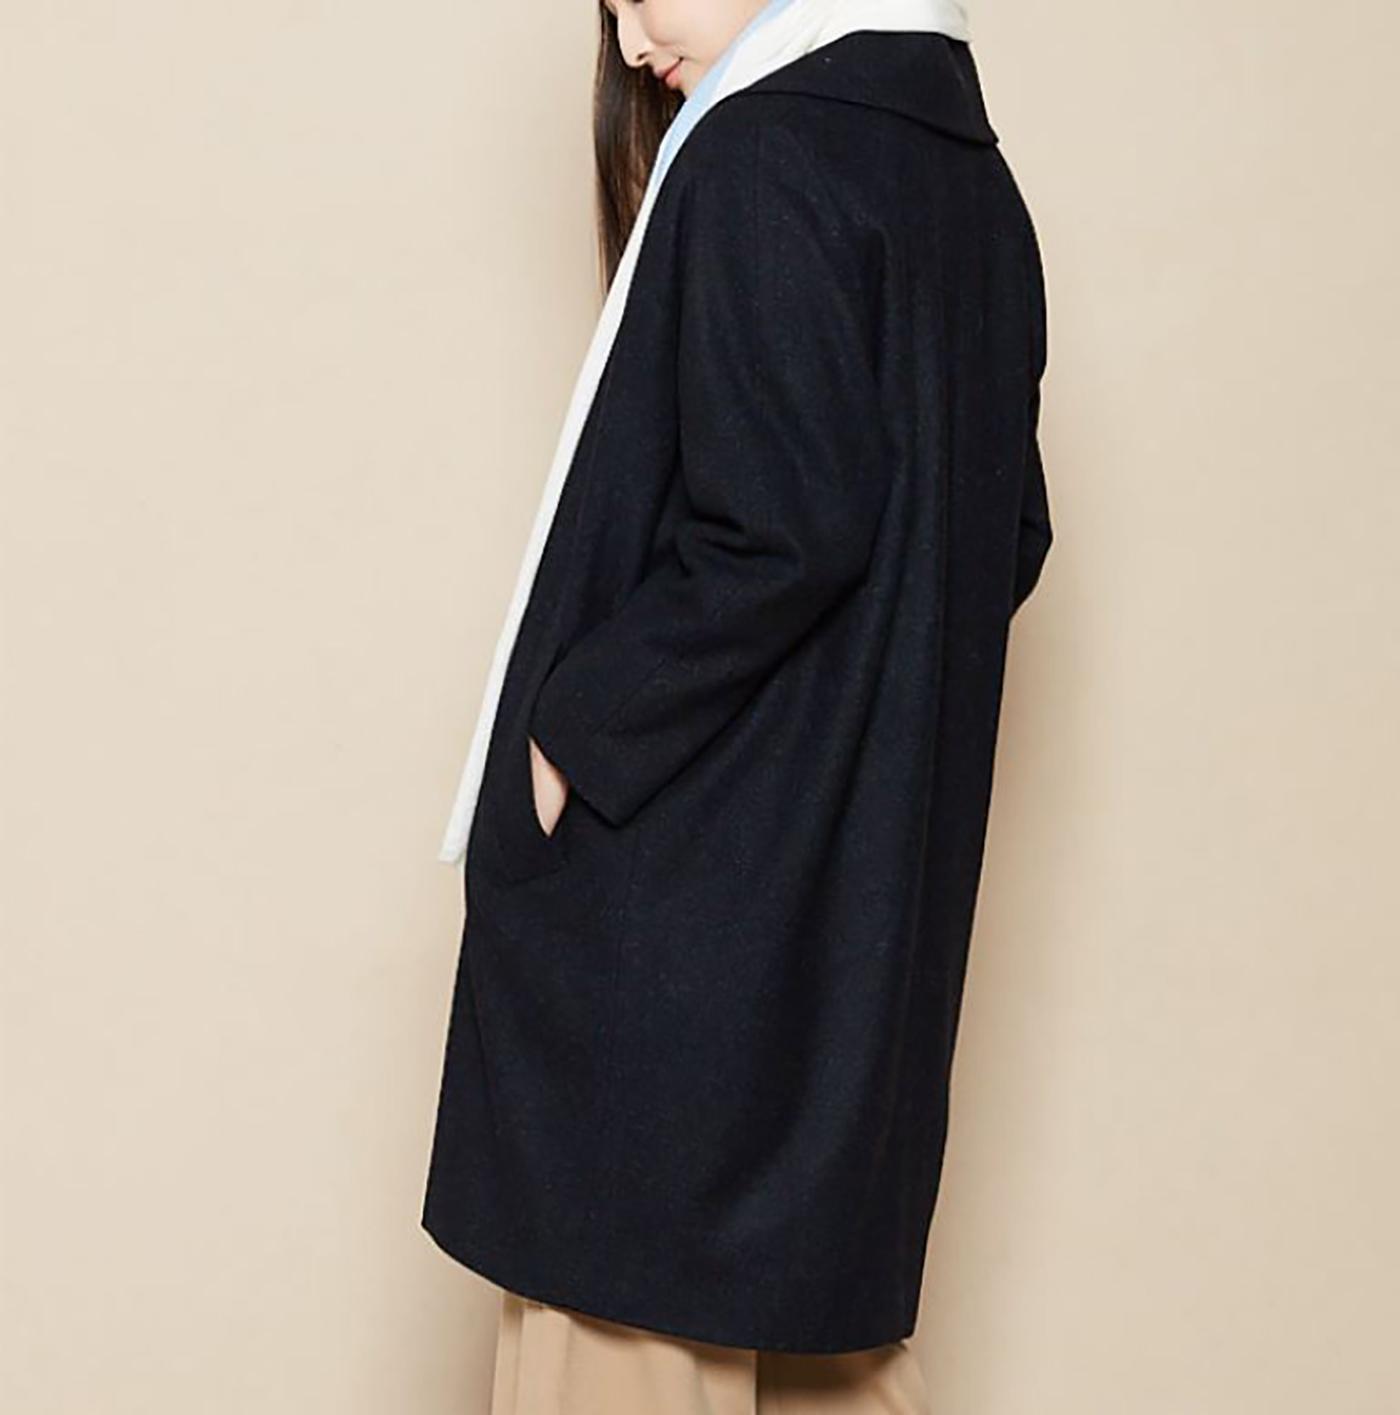 은하수 울실크 코트/요즘 같은 날씨에 입기 딱 좋은 은하수 울실크 코트 상세이미지5